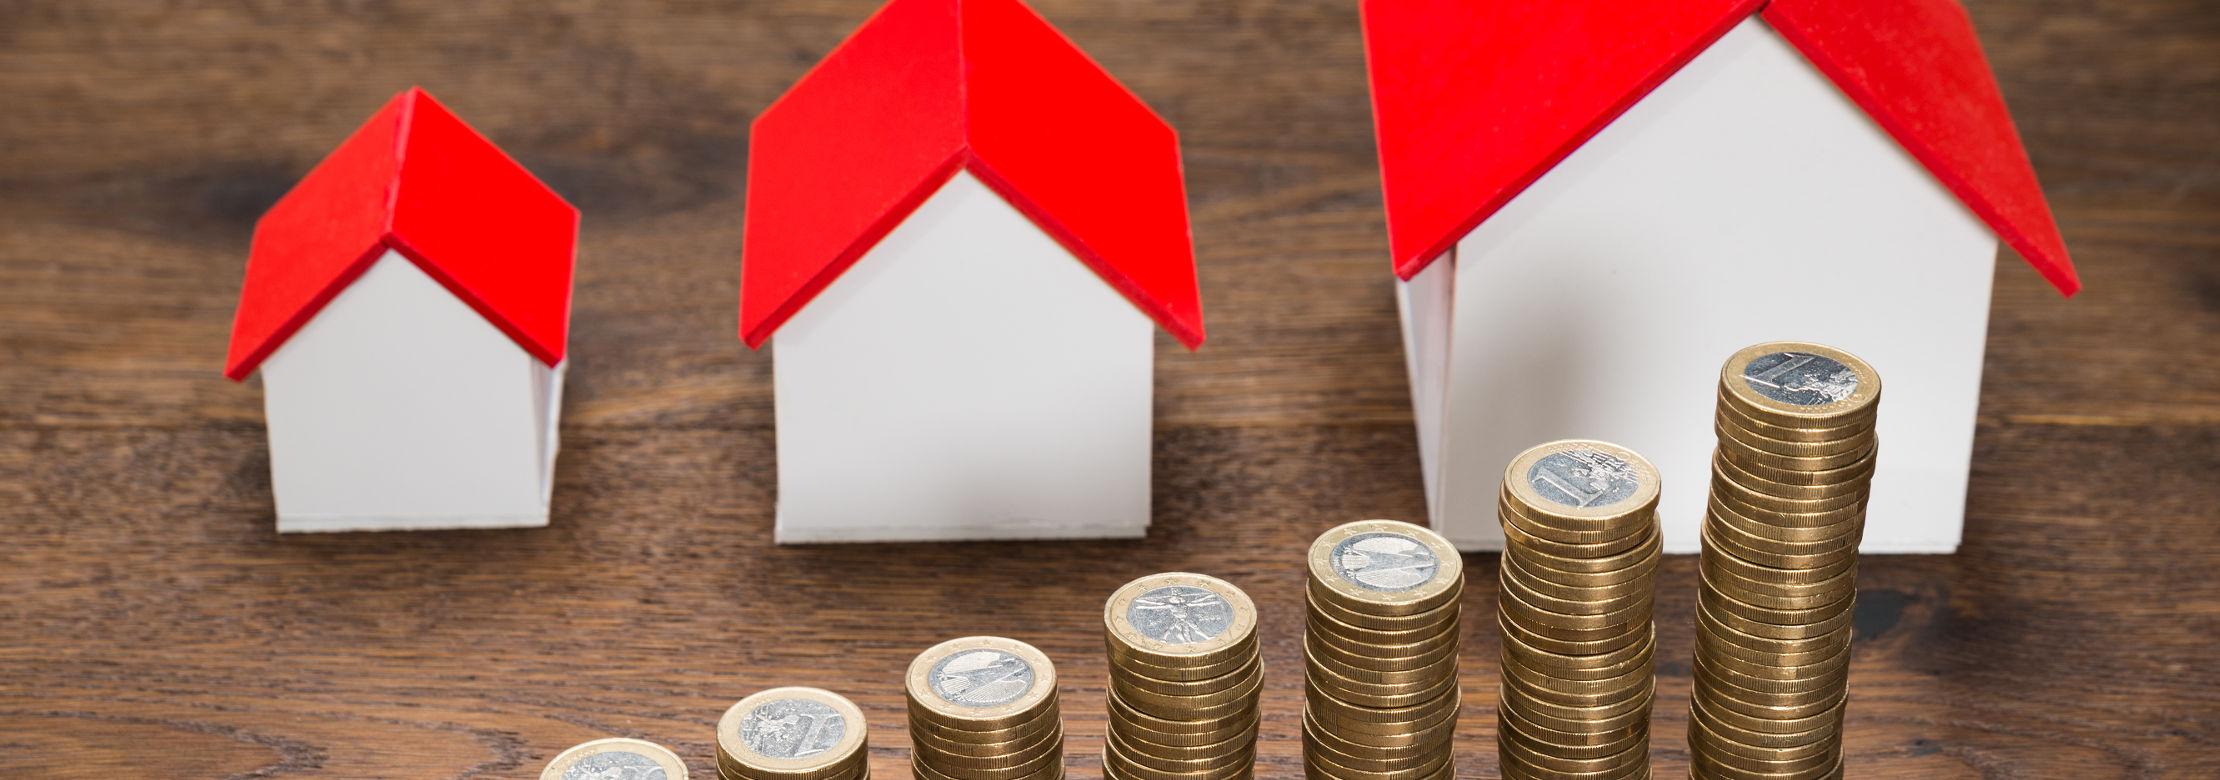 Działalność gospodarcza w miejscu zamieszkania a podatek od nieruchomości